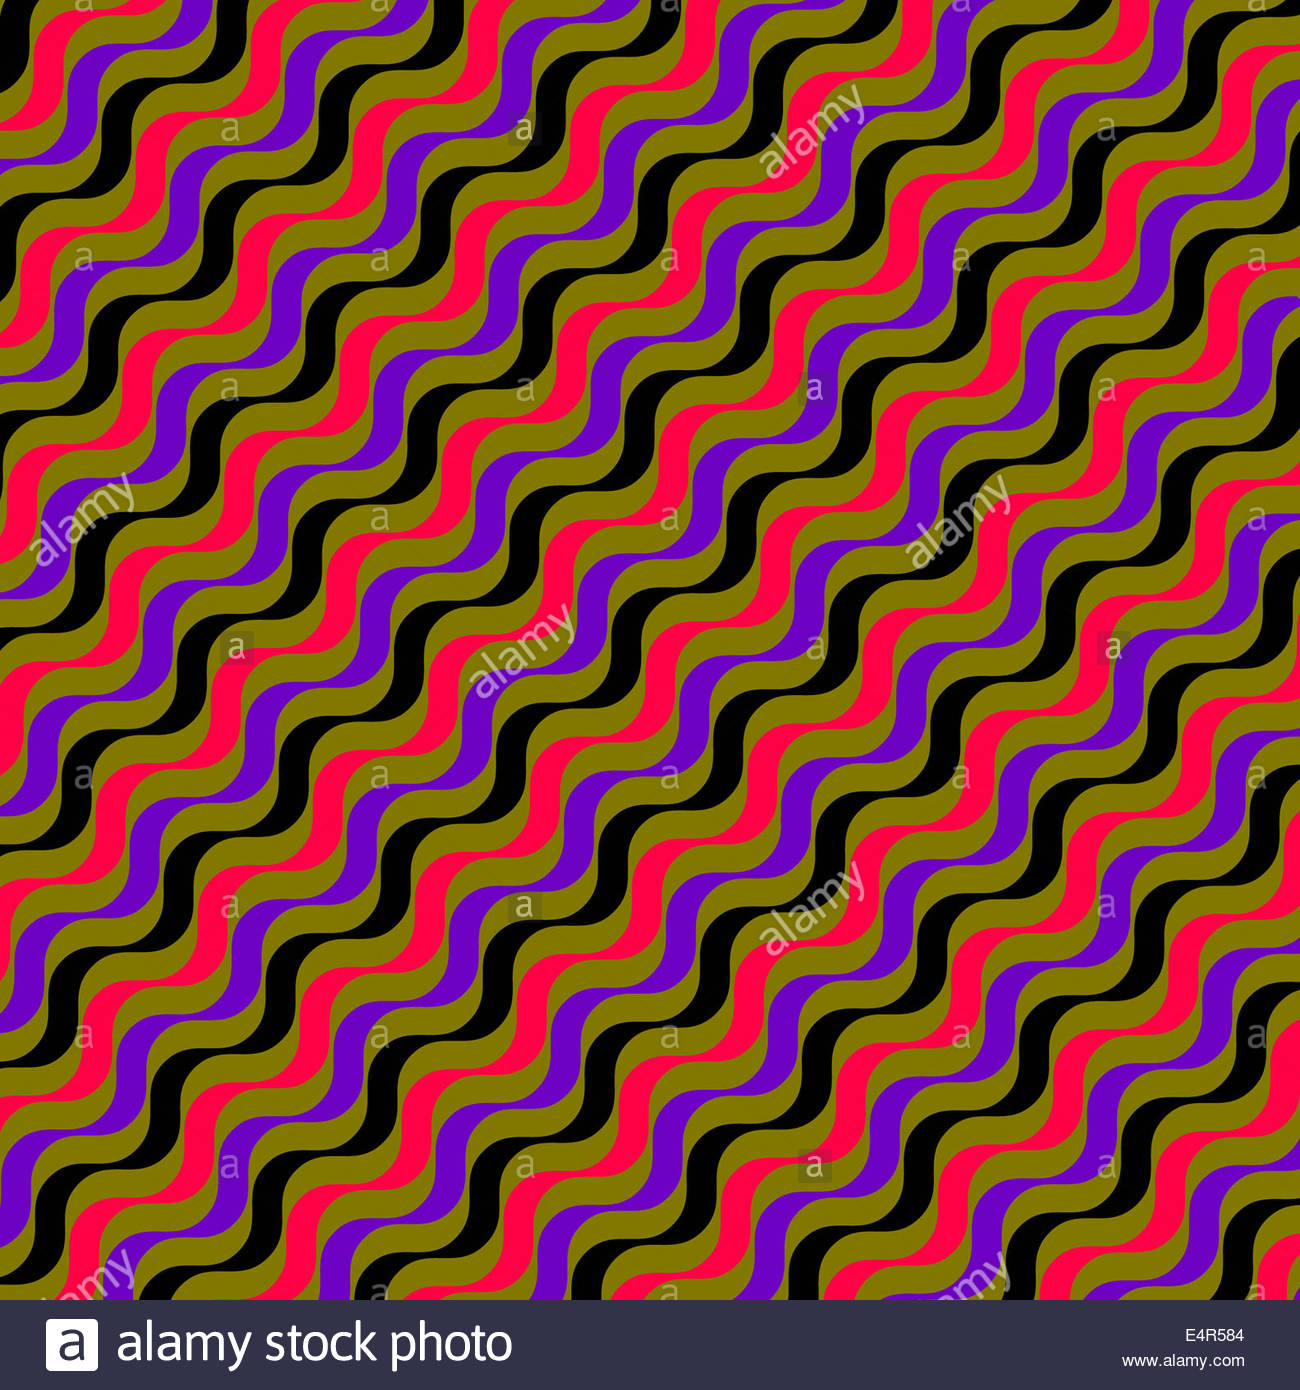 Résumé motif de fond en répétant des lignes ondulées Photo Stock